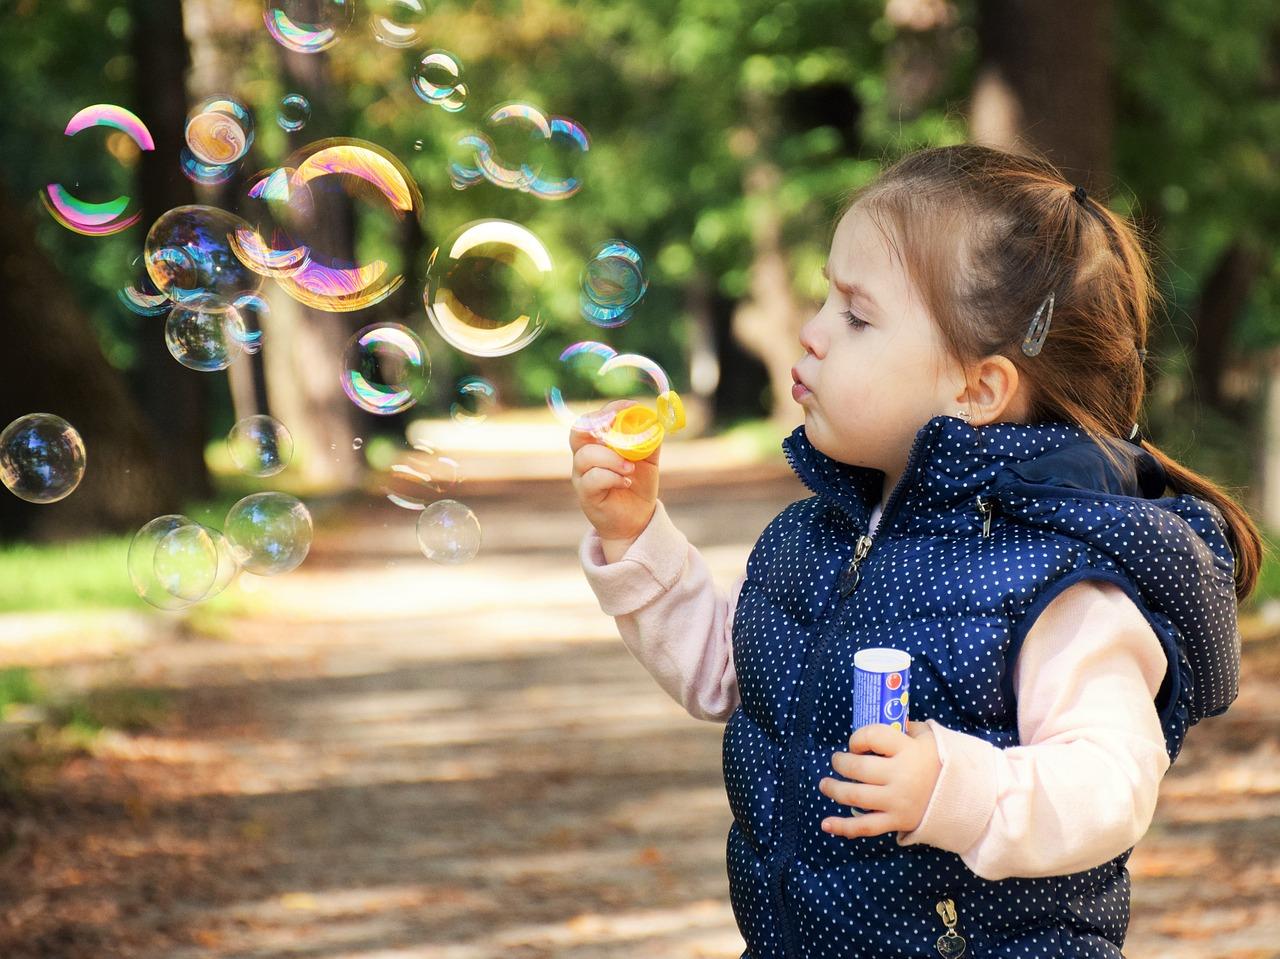 Что делать с гиперактивным ребенком. Гиперактивность это болезнь или нет?